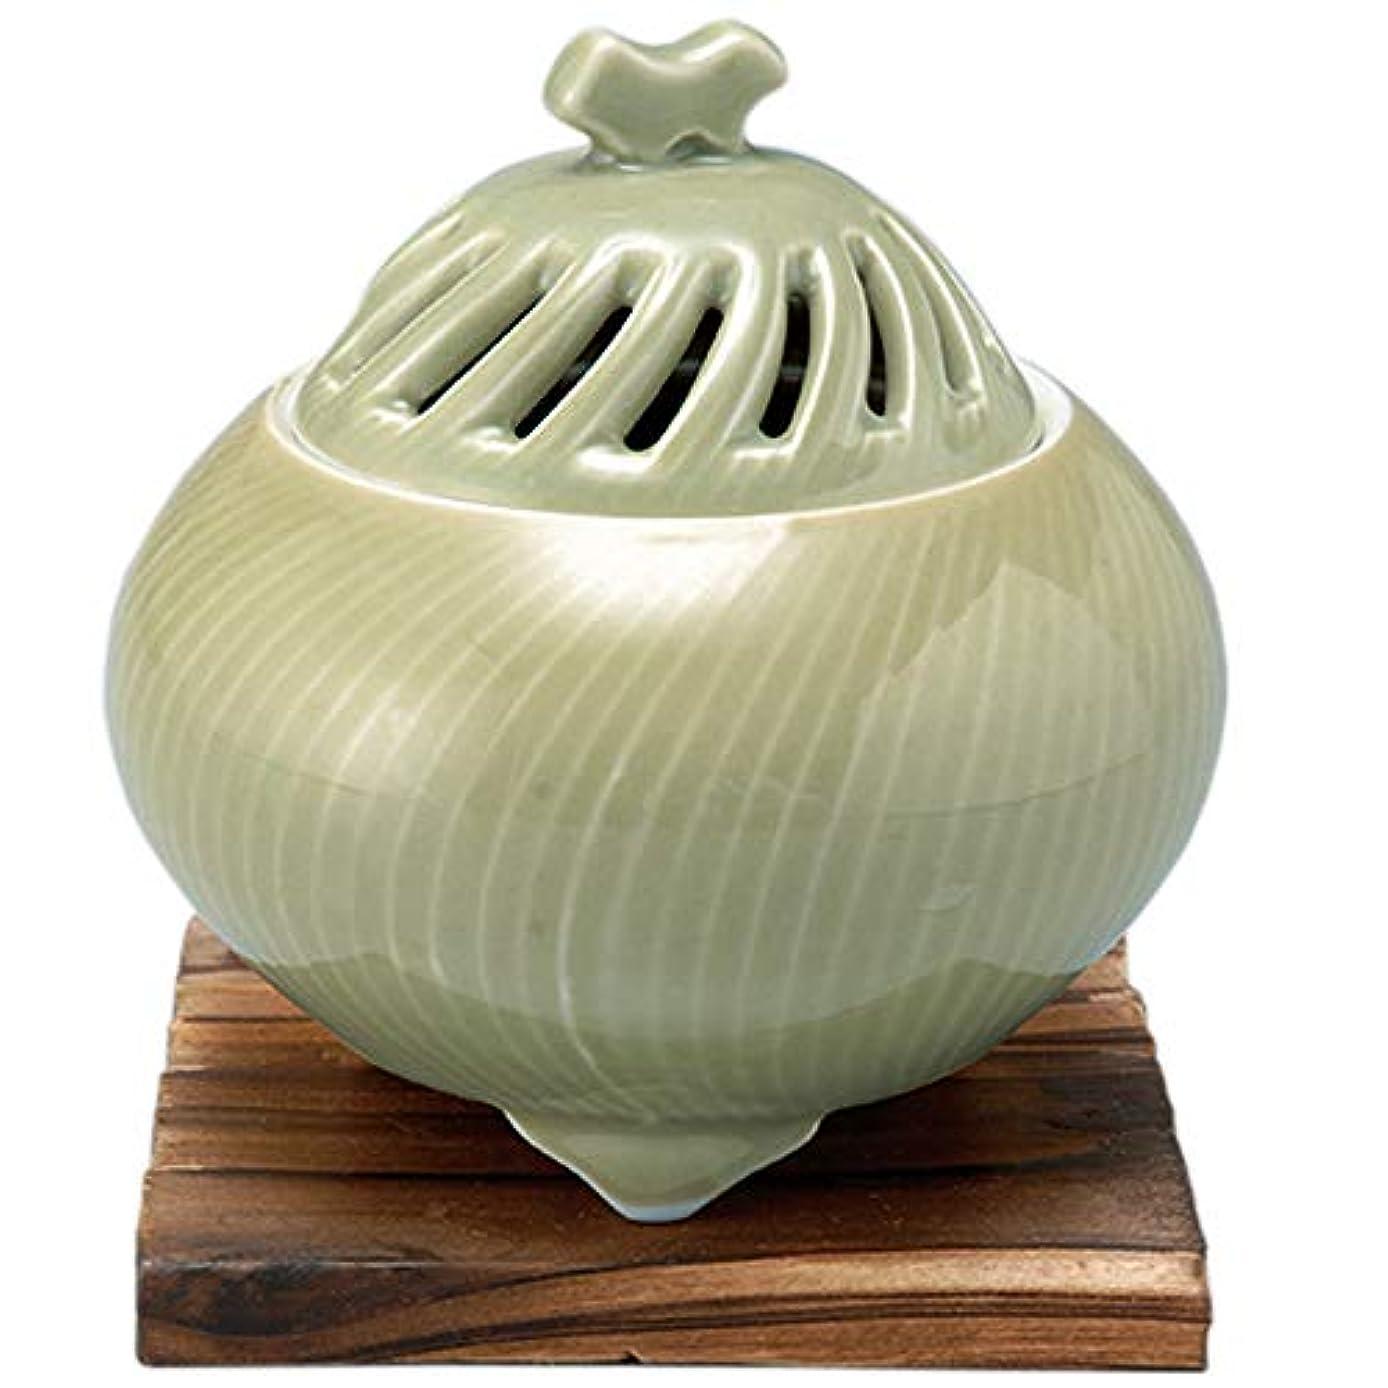 却下する協会包囲香炉 鶯透し 丸型香炉 [R11xH11.3cm] プレゼント ギフト 和食器 かわいい インテリア